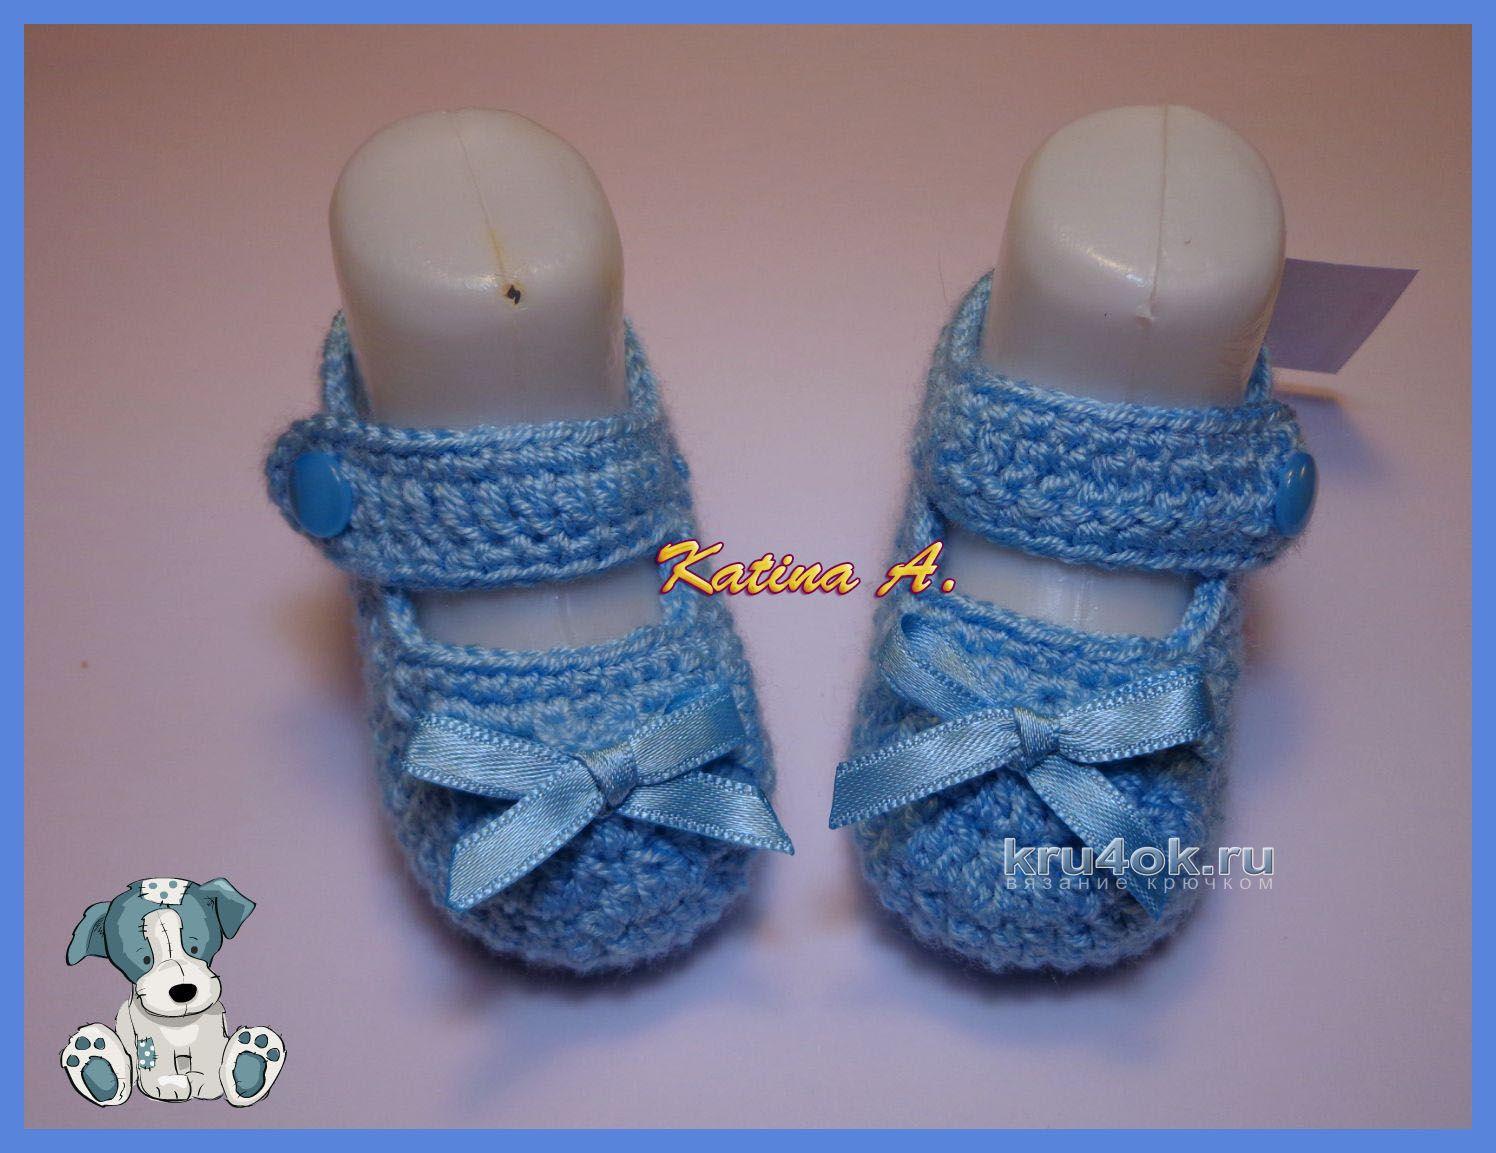 Вязаные спицами туфельки для малышек Ежевика - Modnoe 10